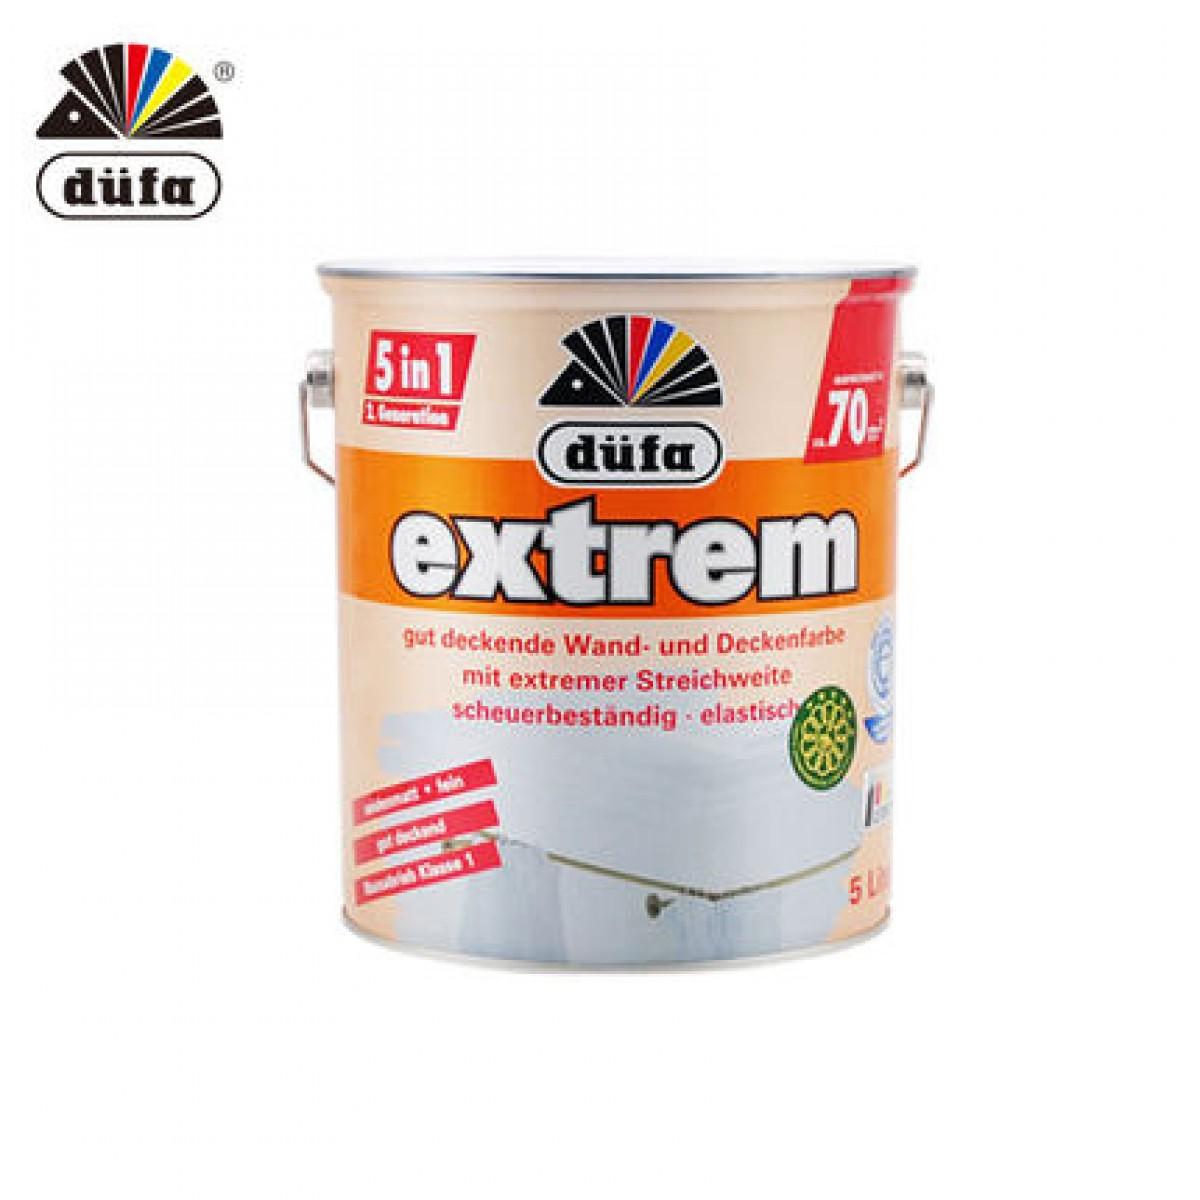 德国都芳第二代五合一墙面漆 5L乳胶漆水性漆环保涂料白色(不可调色)